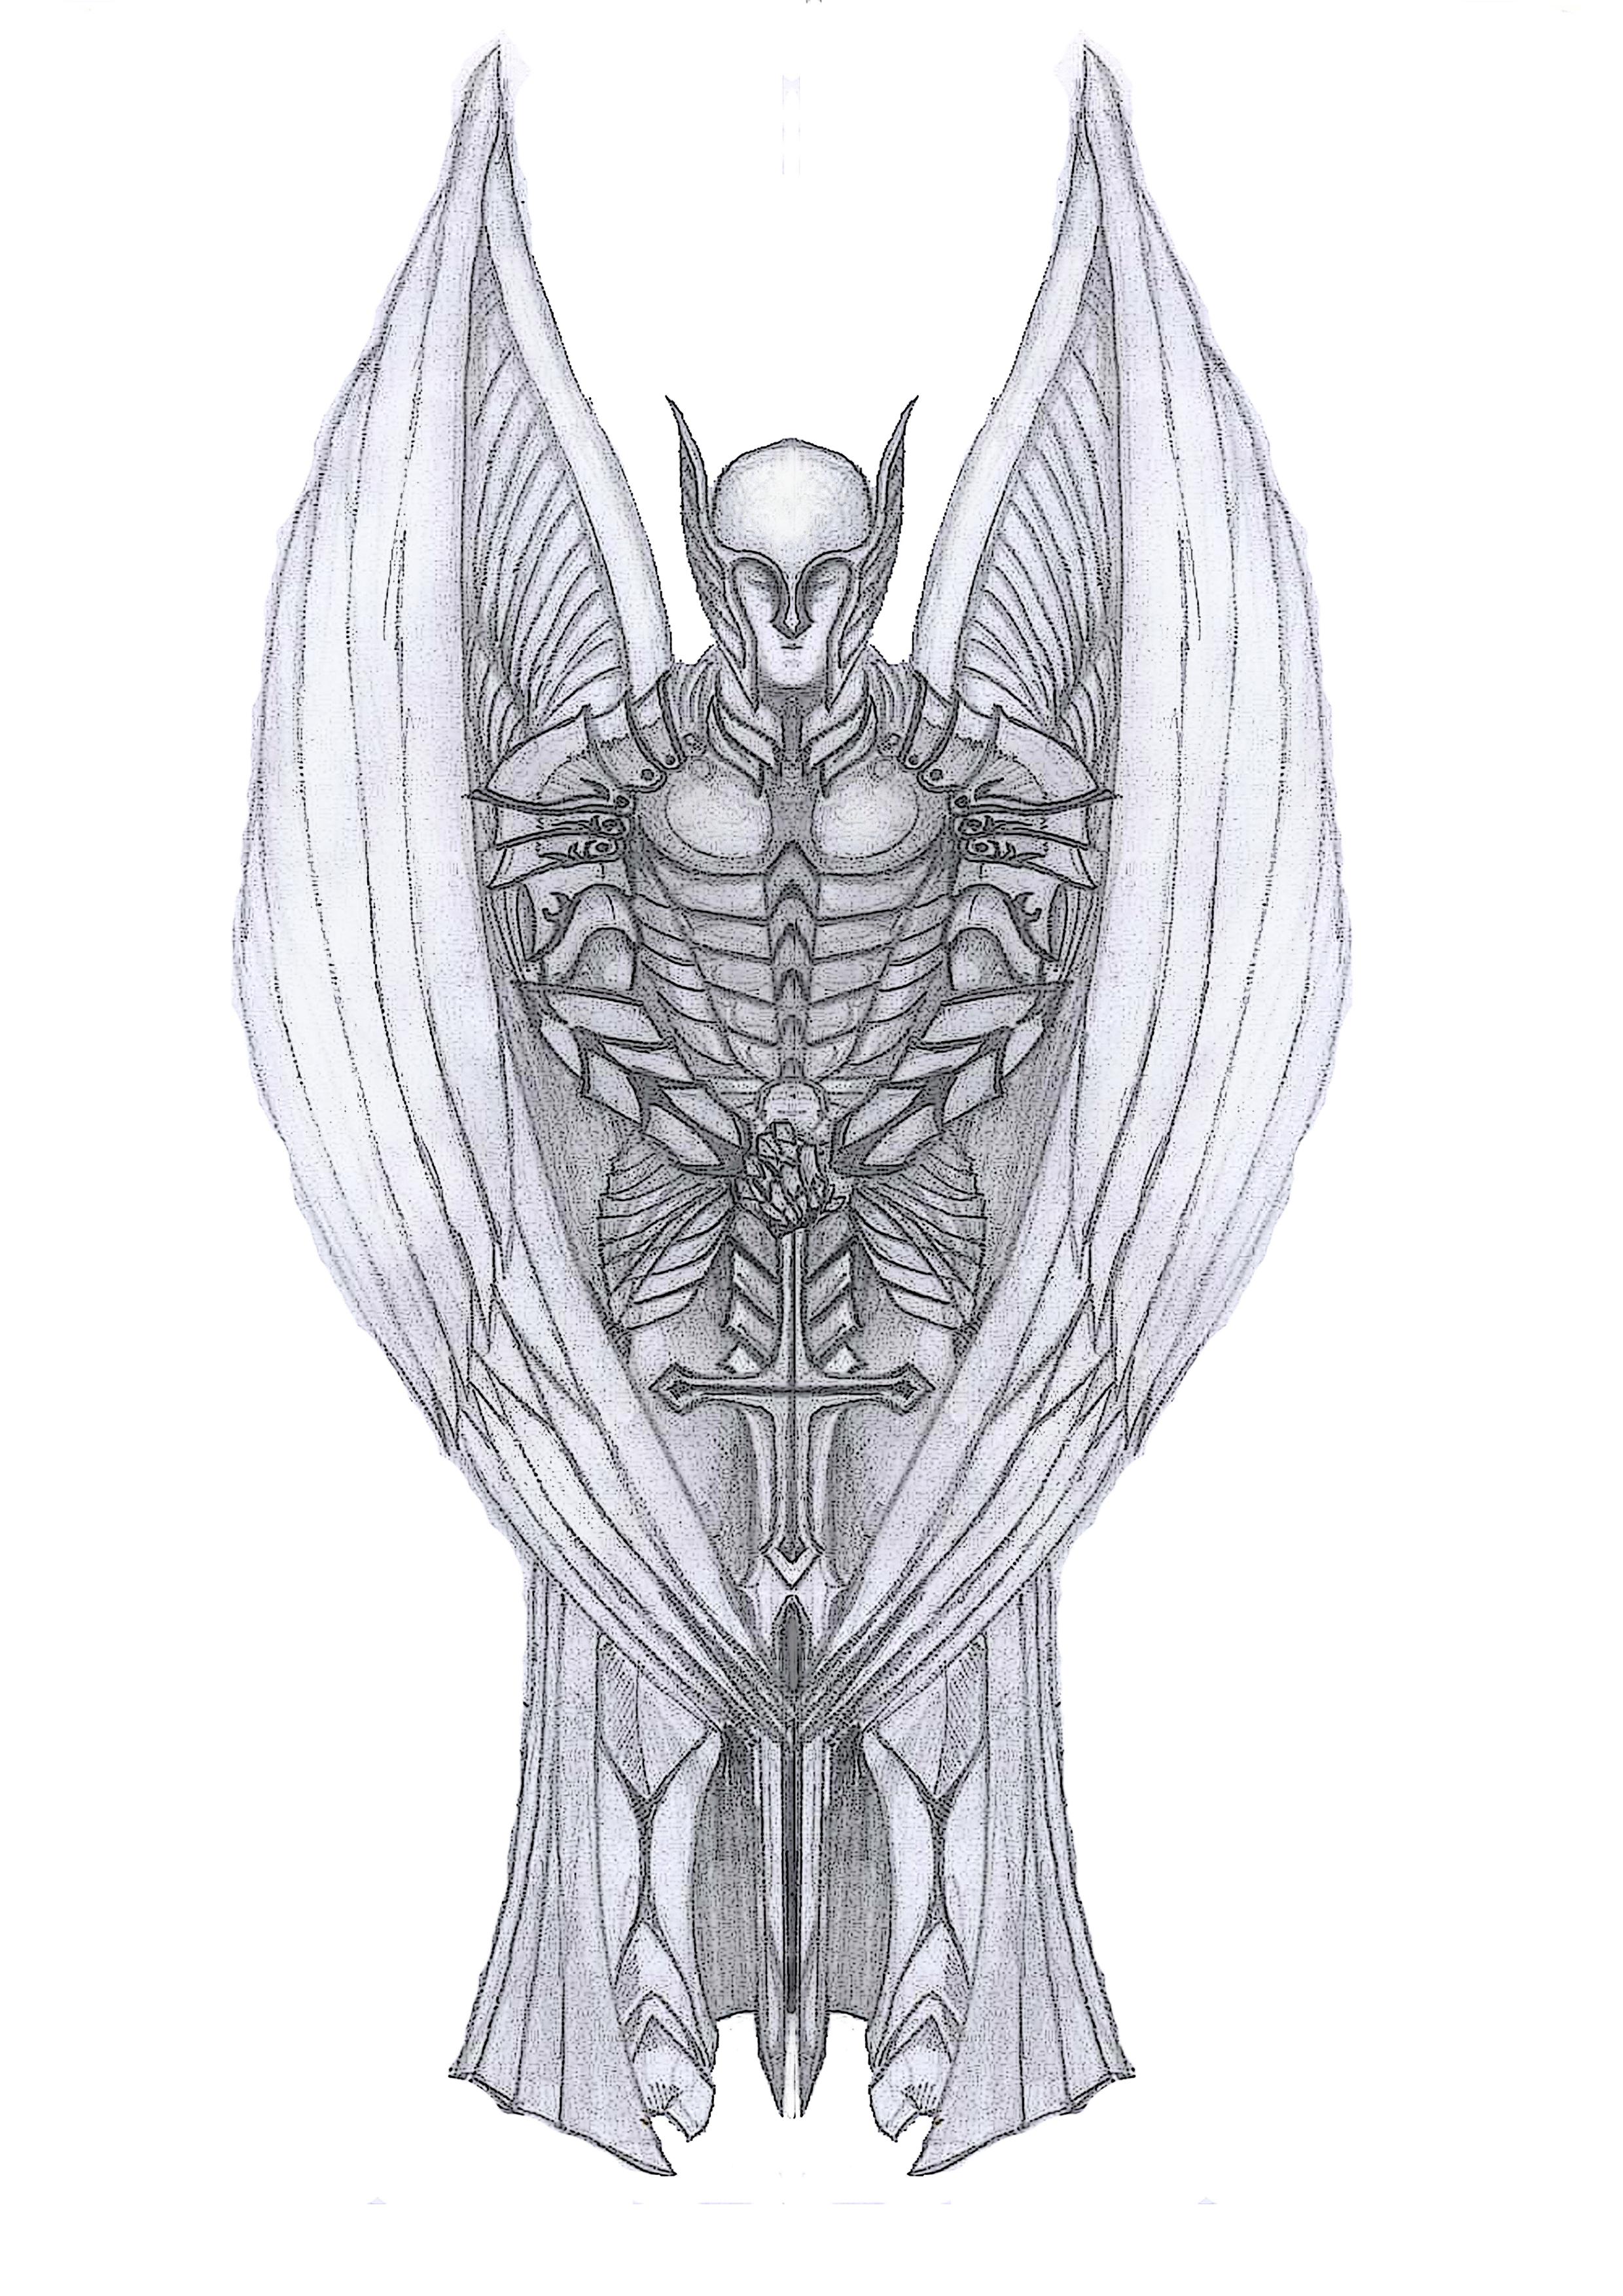 Venom Vs Wolverine Tattoo Archangel Michael Tattoo By Dpwright Dfj